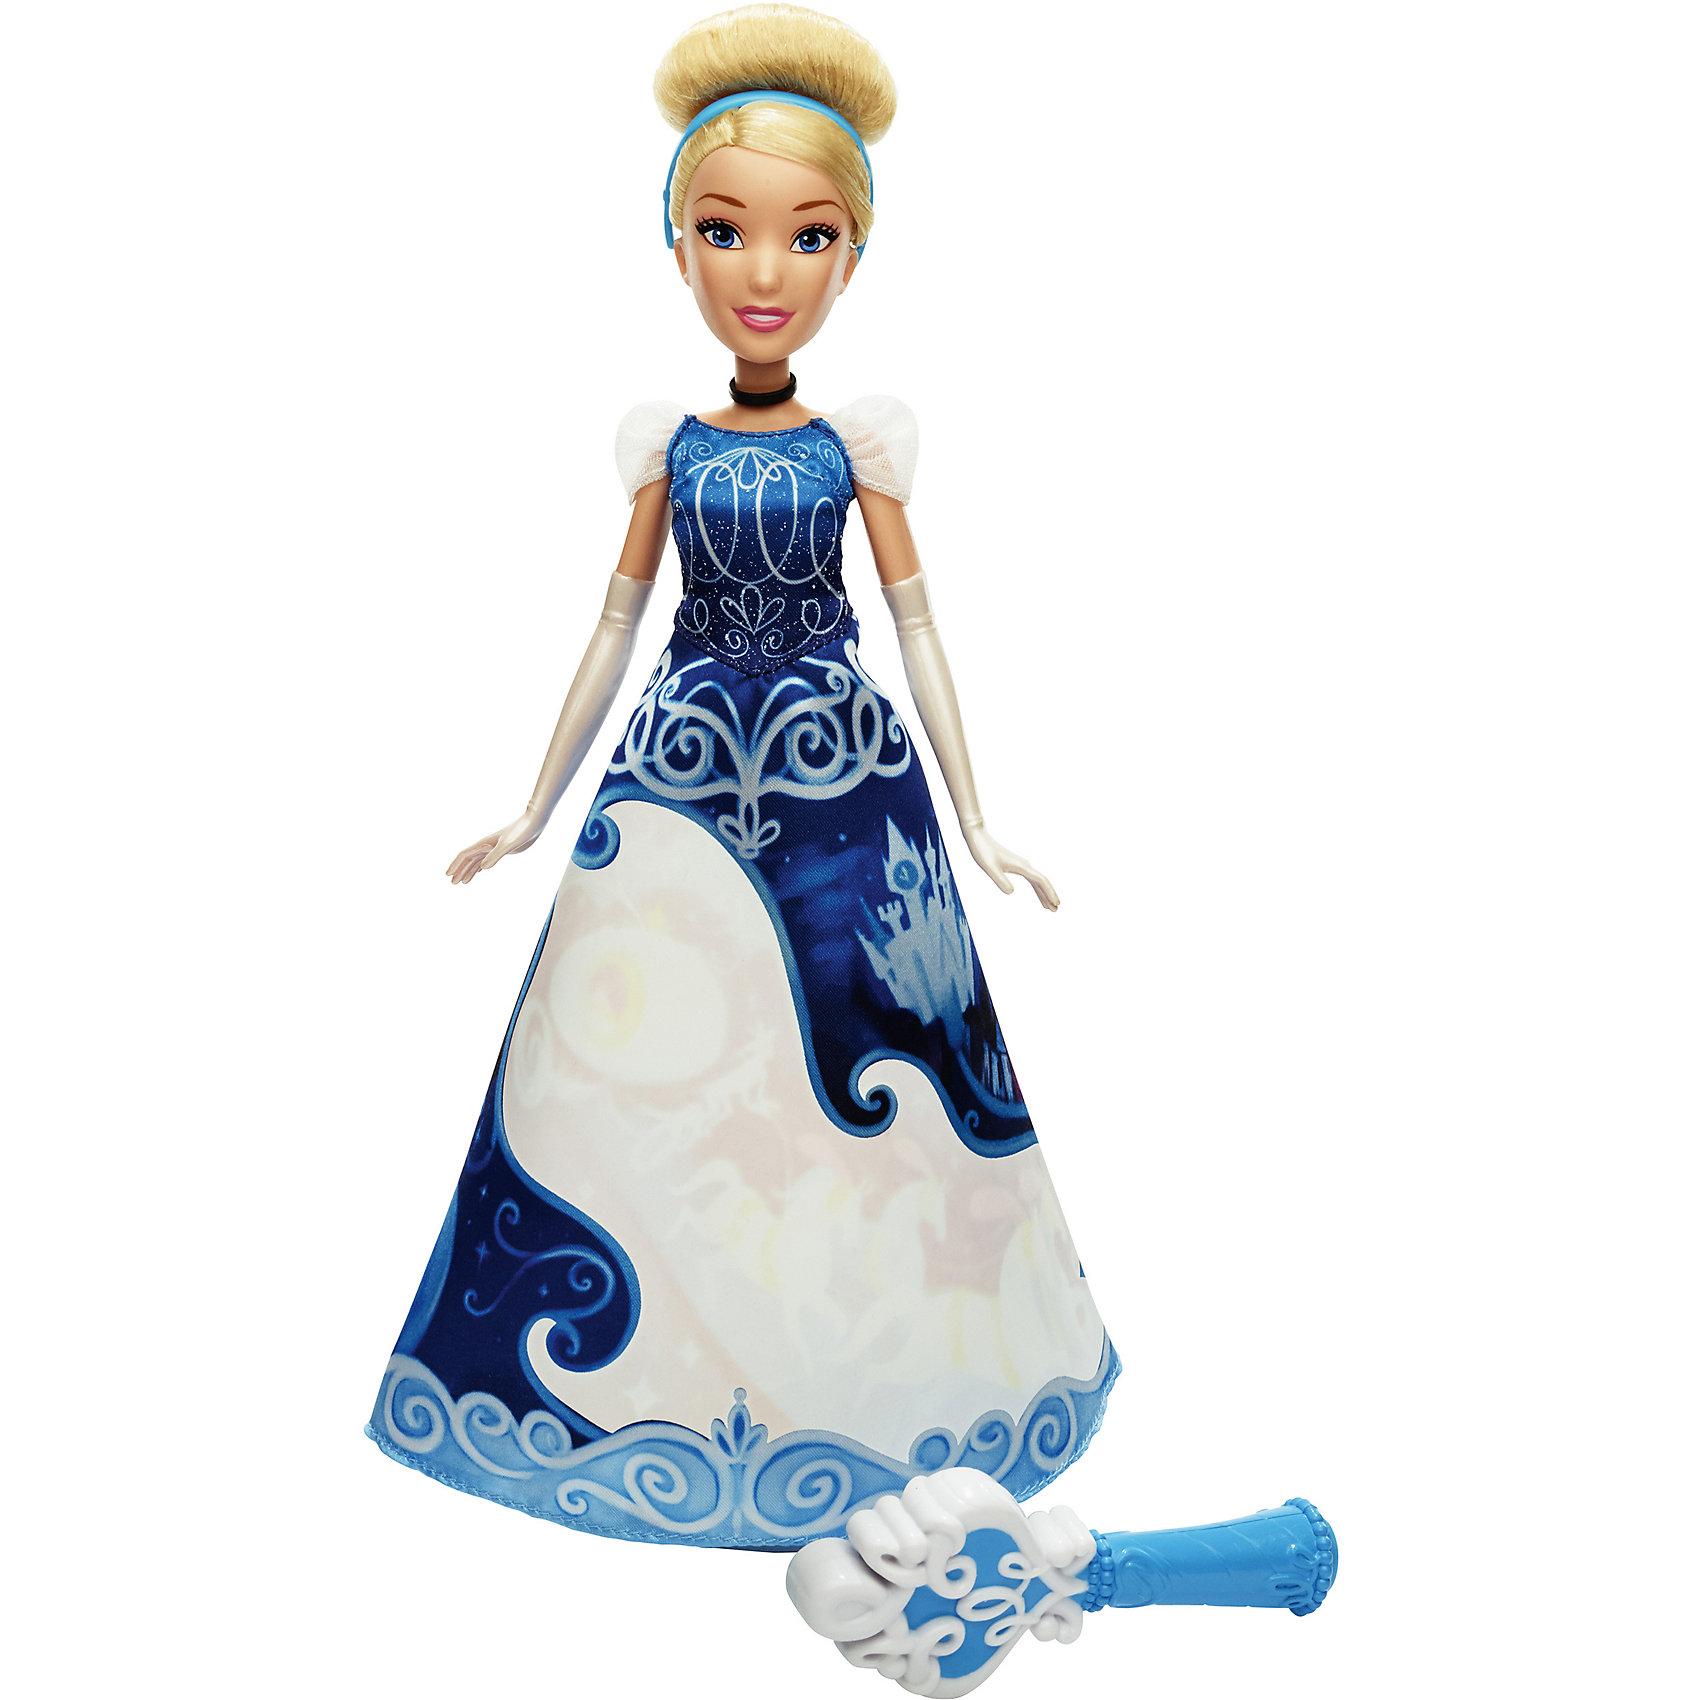 Модная кукла Золушка в юбке с проявляющимся принтом, Принцессы ДиснейИгрушки<br>Модная кукла Принцесса в юбке с проявляющимся принтом, Принцессы Дисней (Disney Princess), станет прекрасным подарком для всех маленьких поклонниц диснеевских сказок. В комплект входит кукла в удивительной юбке с проявляющимися принтом и сосуд для воды. В ассортименте представлены 3 куклы: Рапунцель, Золушка и Мерида. Каждая принцесса одета в роскошное бальное платье, большую часть которого занимает белая область. Намочив юбку с помощью специальной емкости для воды, Вы увидите, как на ней проявляется красивый рисунок с эпизодом из сказочной истории героини. Когда юбка высохнет, узор вновь пропадет. Емкость для воды выполнена в форме характерных аксессуаров героинь - волшебная палочка у Золушки, у Рапунцель - волшебная кисть, а у Мериды - волшебный флакон.  <br><br>Дополнительная информация:  <br><br>- В комплекте: кукла, емкость для воды. <br>- Материал: пластик, текстиль. <br>- Высота куклы: 28 см. <br>- Размер упаковки: 20,3 x 6,4 x 32,4 см. <br>- Вес: 0,301 кг.  <br><br>Модную куклу Принцесса в юбке с проявляющимся принтом, Принцессы Дисней (Disney Princess), можно купить в нашем интернет-магазине.<br><br>Ширина мм: 64<br>Глубина мм: 203<br>Высота мм: 324<br>Вес г: 301<br>Возраст от месяцев: 36<br>Возраст до месяцев: 144<br>Пол: Женский<br>Возраст: Детский<br>SKU: 4803327